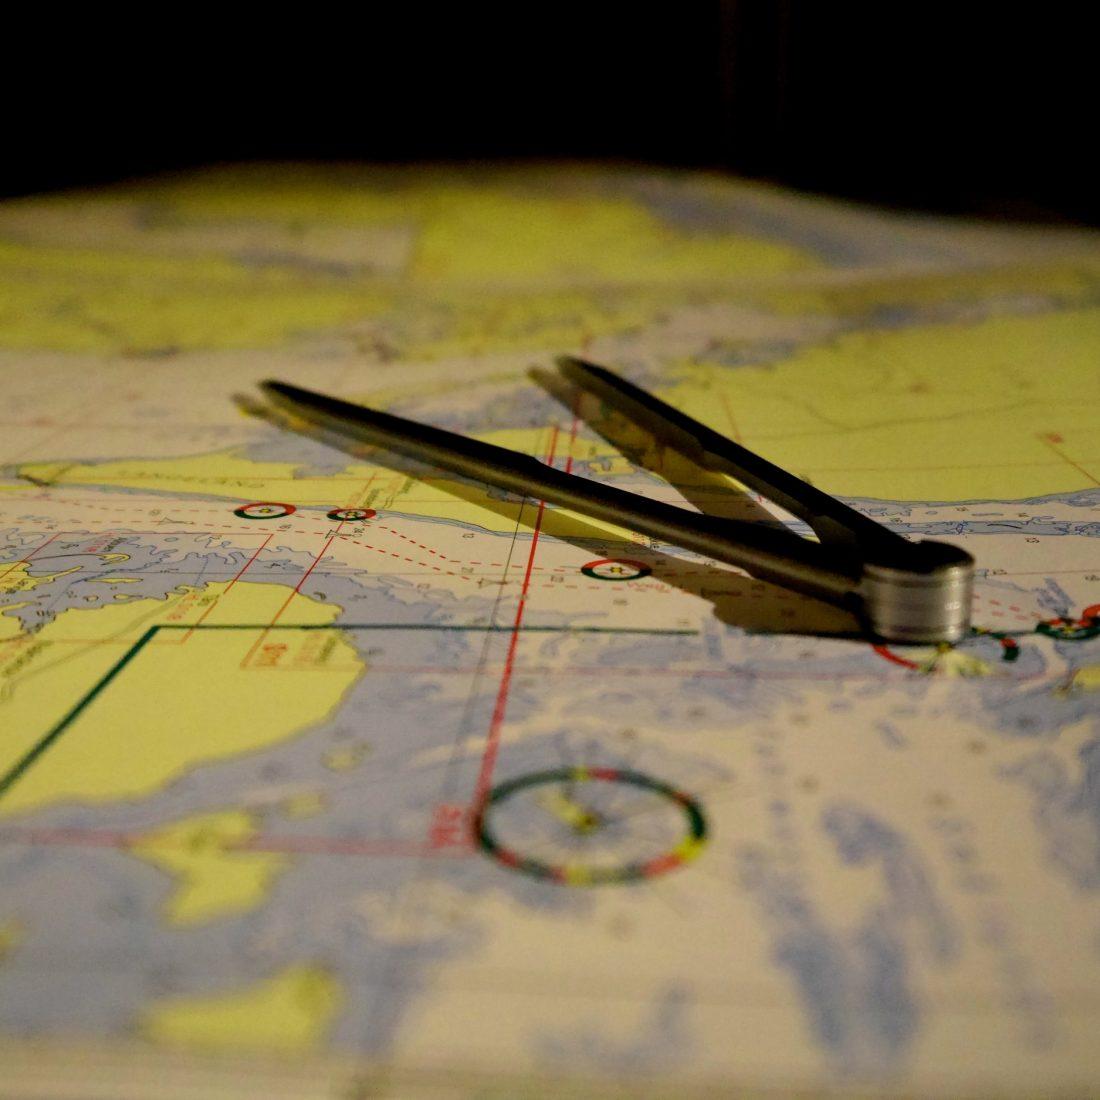 Positionierungsworkshop Positionierung Workshop digitale Position INFOBÜRO Hafner Erfolgsfeld Analyse Erfolgspotentiale Schätze heben klare Richtung Volldampf